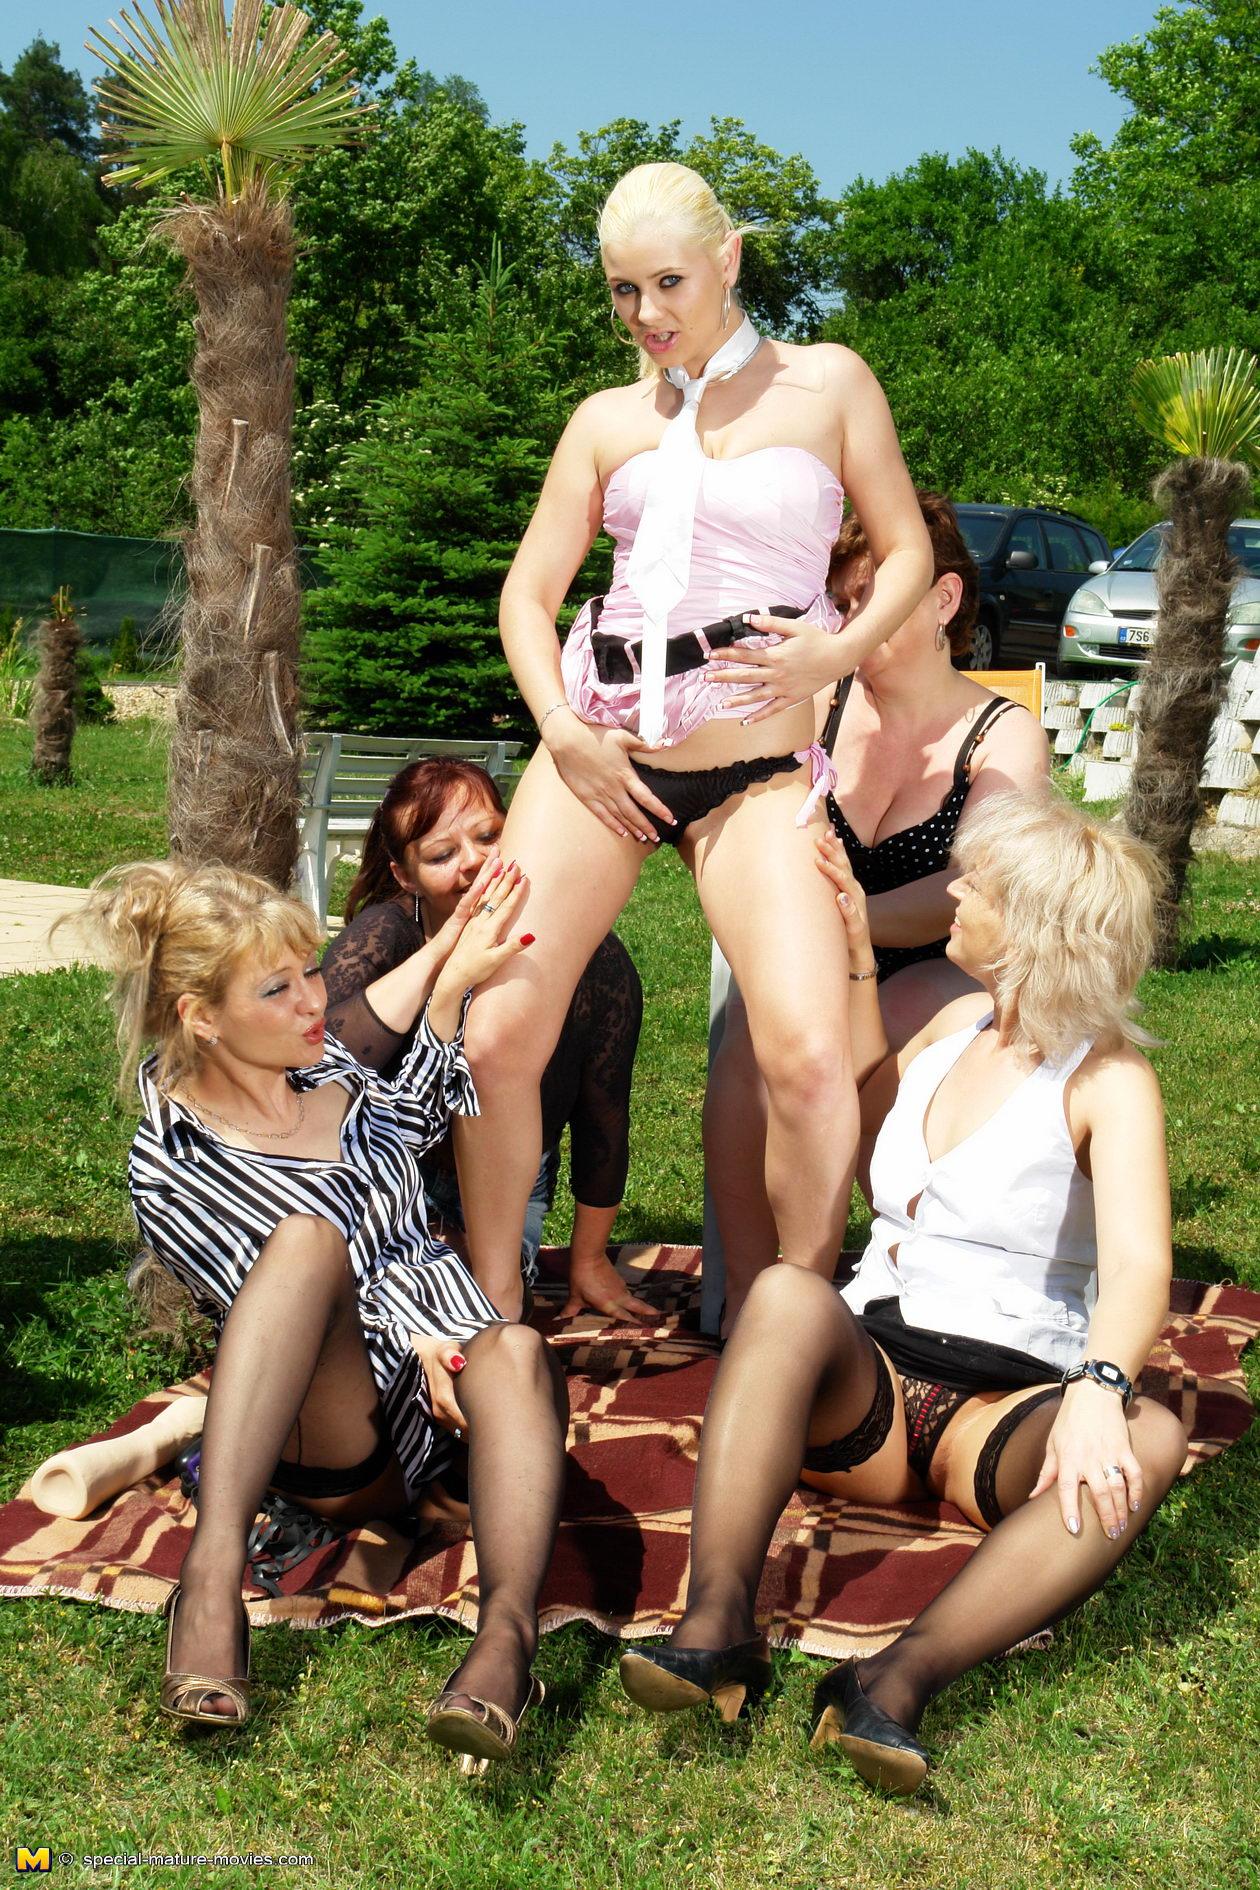 [女同]◆※女人不需要男人※系列◆騷貨,大陰唇肥大 [16P]